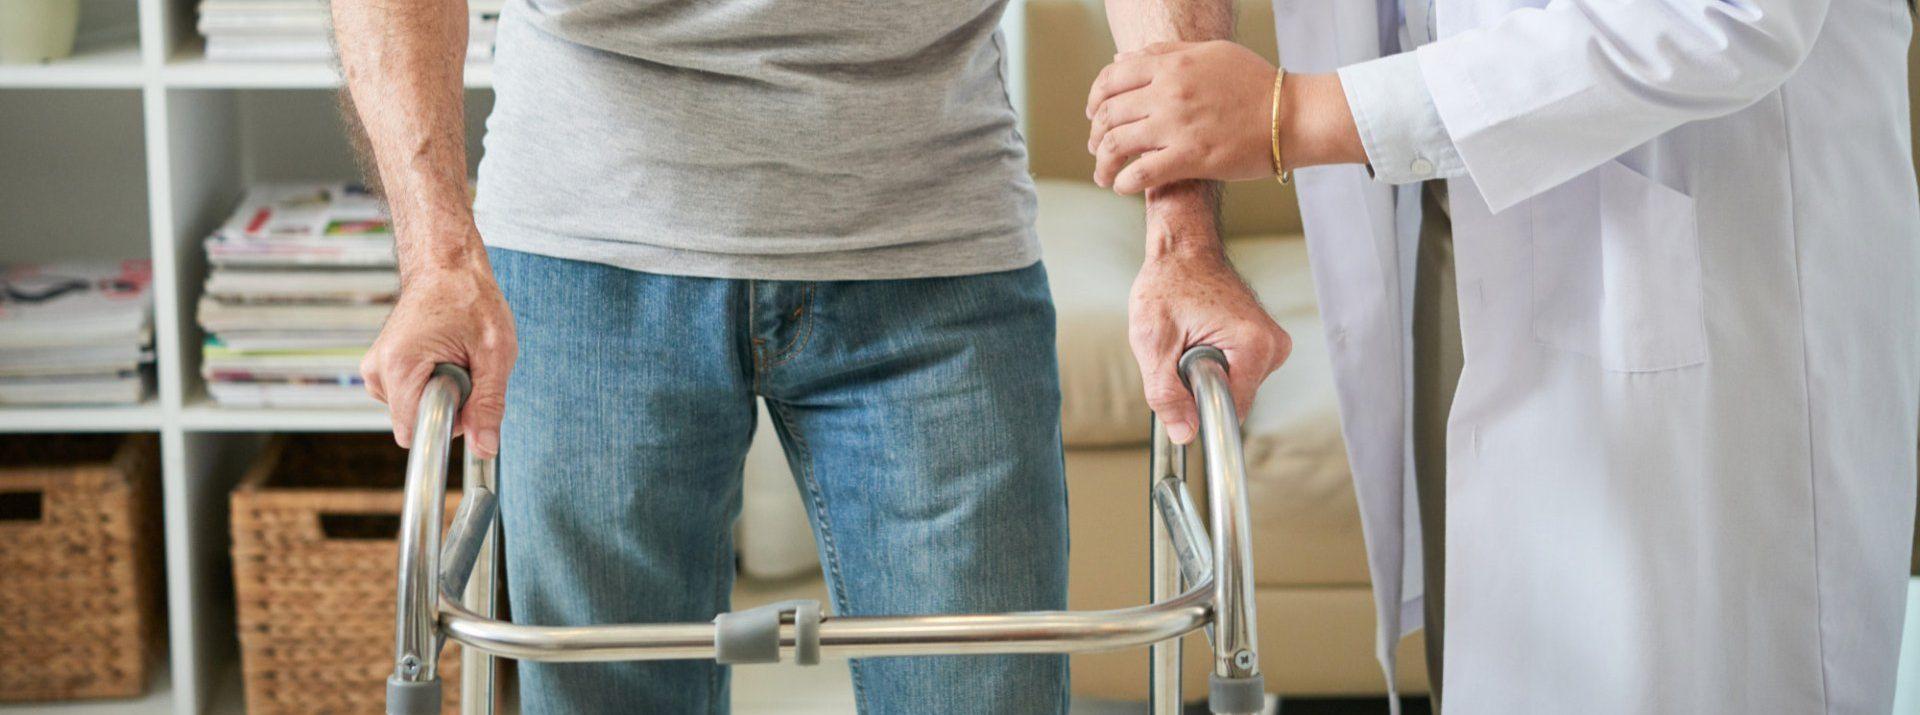 Rehabilitacija po poškodbi